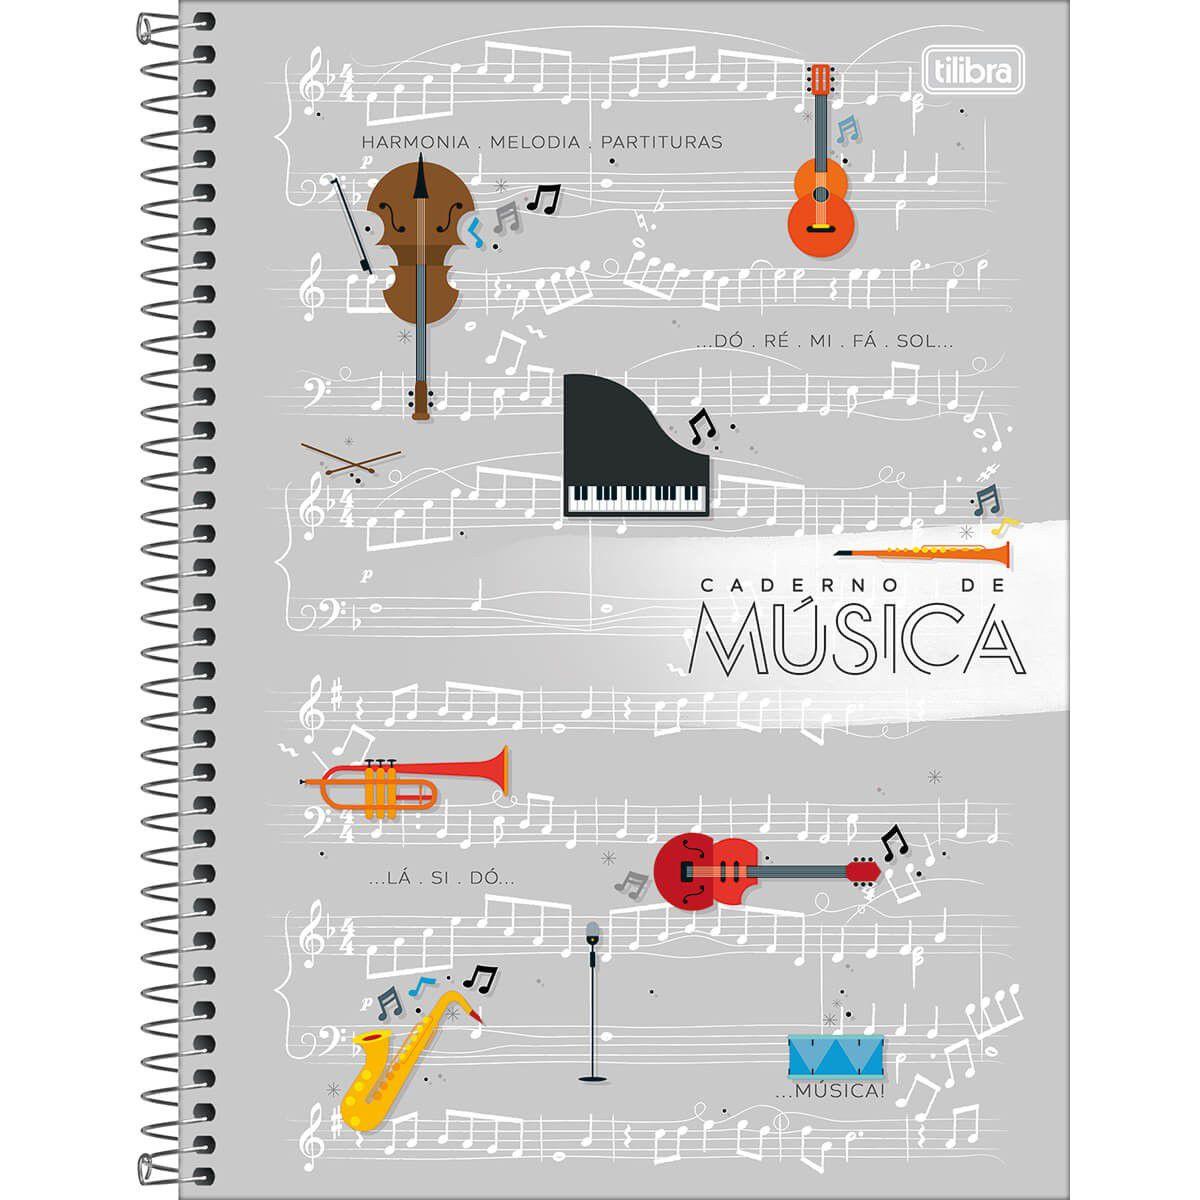 Caderno Tilibra Espiral Capa Dura Universitário Musica 80 Fls 306185 27989